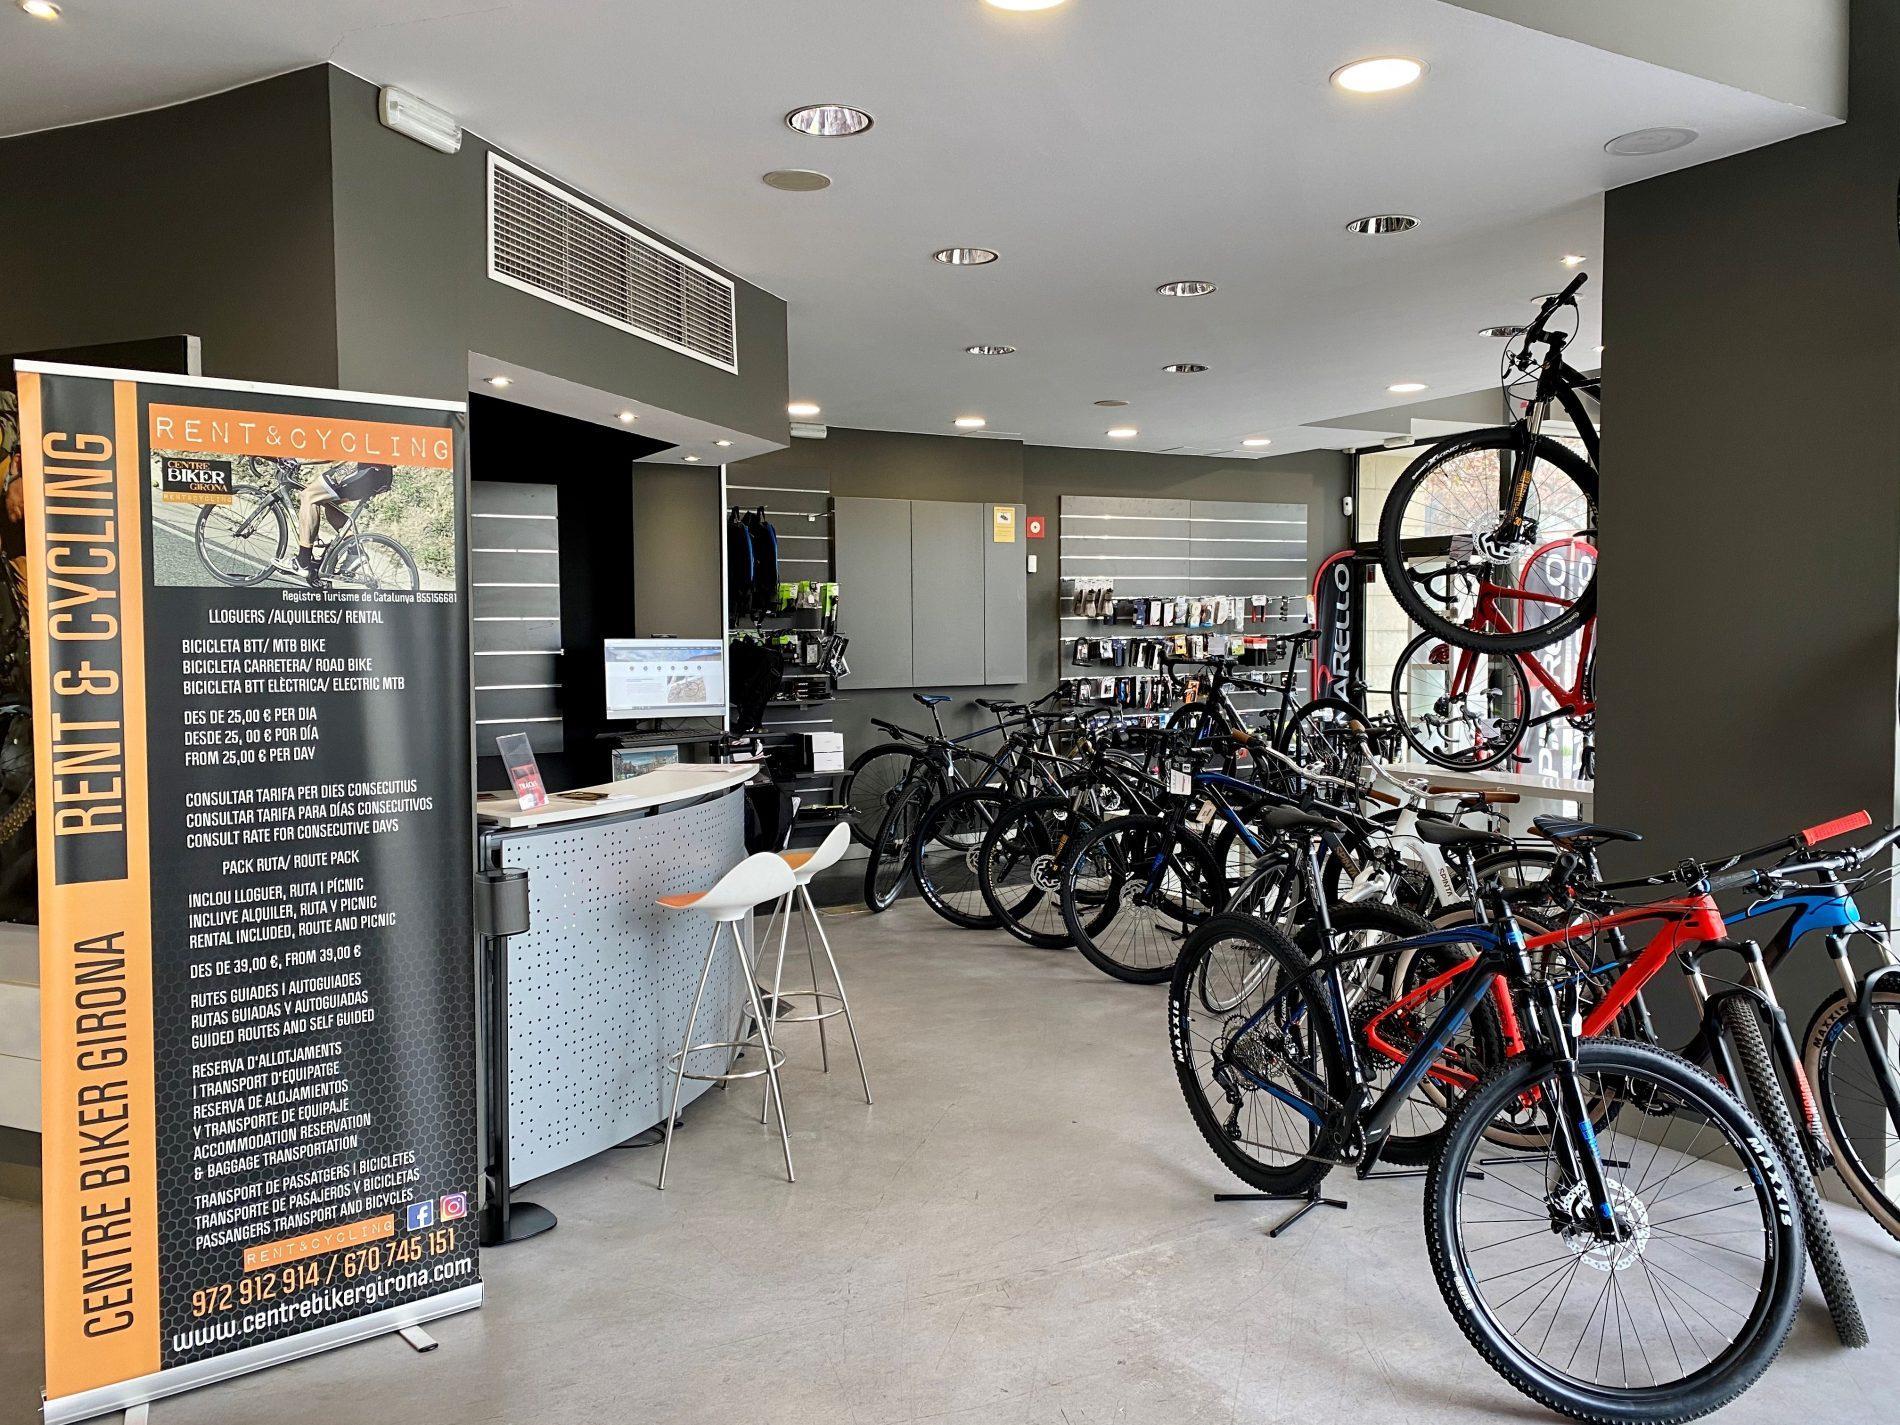 Centre Biker Shop